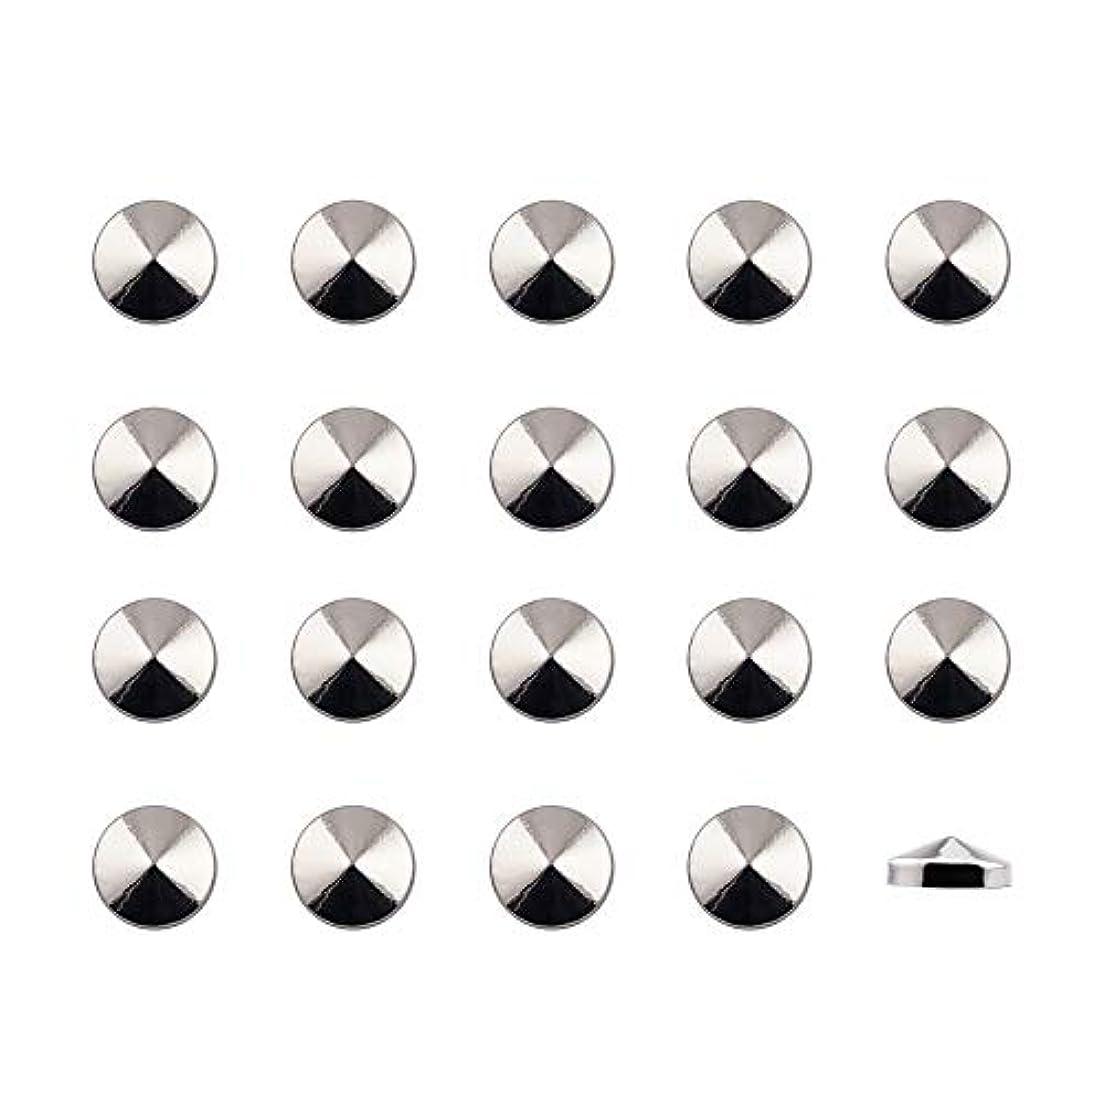 熱意ぜいたくメニュー高品質 純日本製 純ゲルマニウム粒 肩こり 腰痛 純度99.99% 5㎜ カサ型 20粒セット (20)